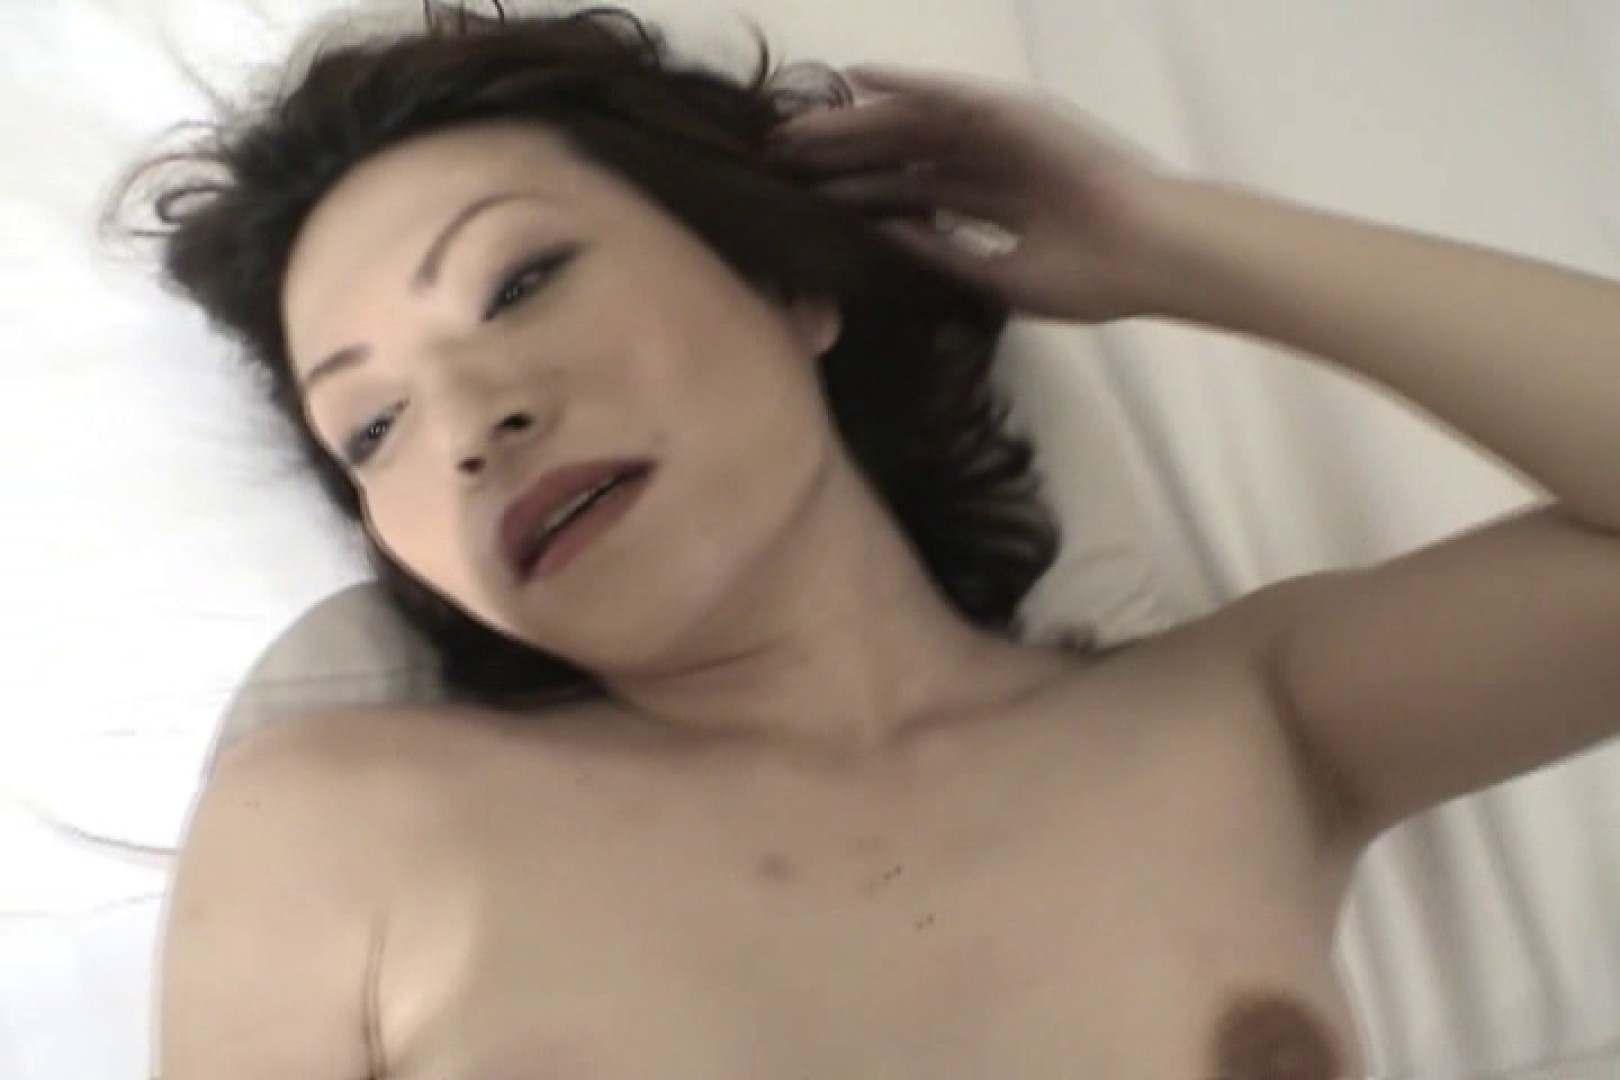 デリヘル嬢隠し撮り~めぐ23歳~ 細身スレンダーガール 濡れ場動画紹介 95pic 75